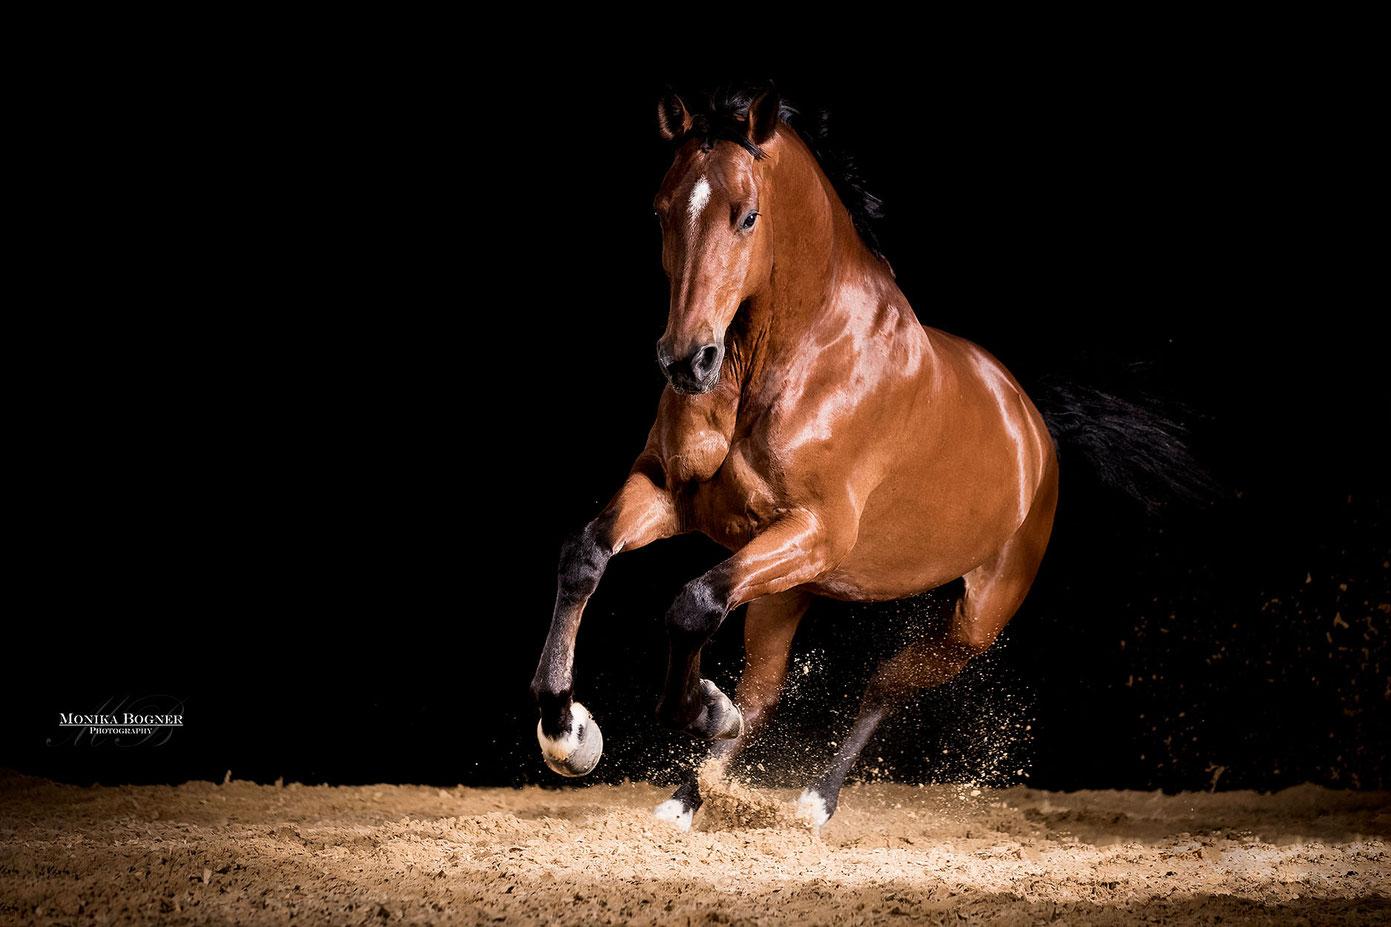 Pferd im Galopp im mobilden Studio, Freilauf, Pferdefotografie